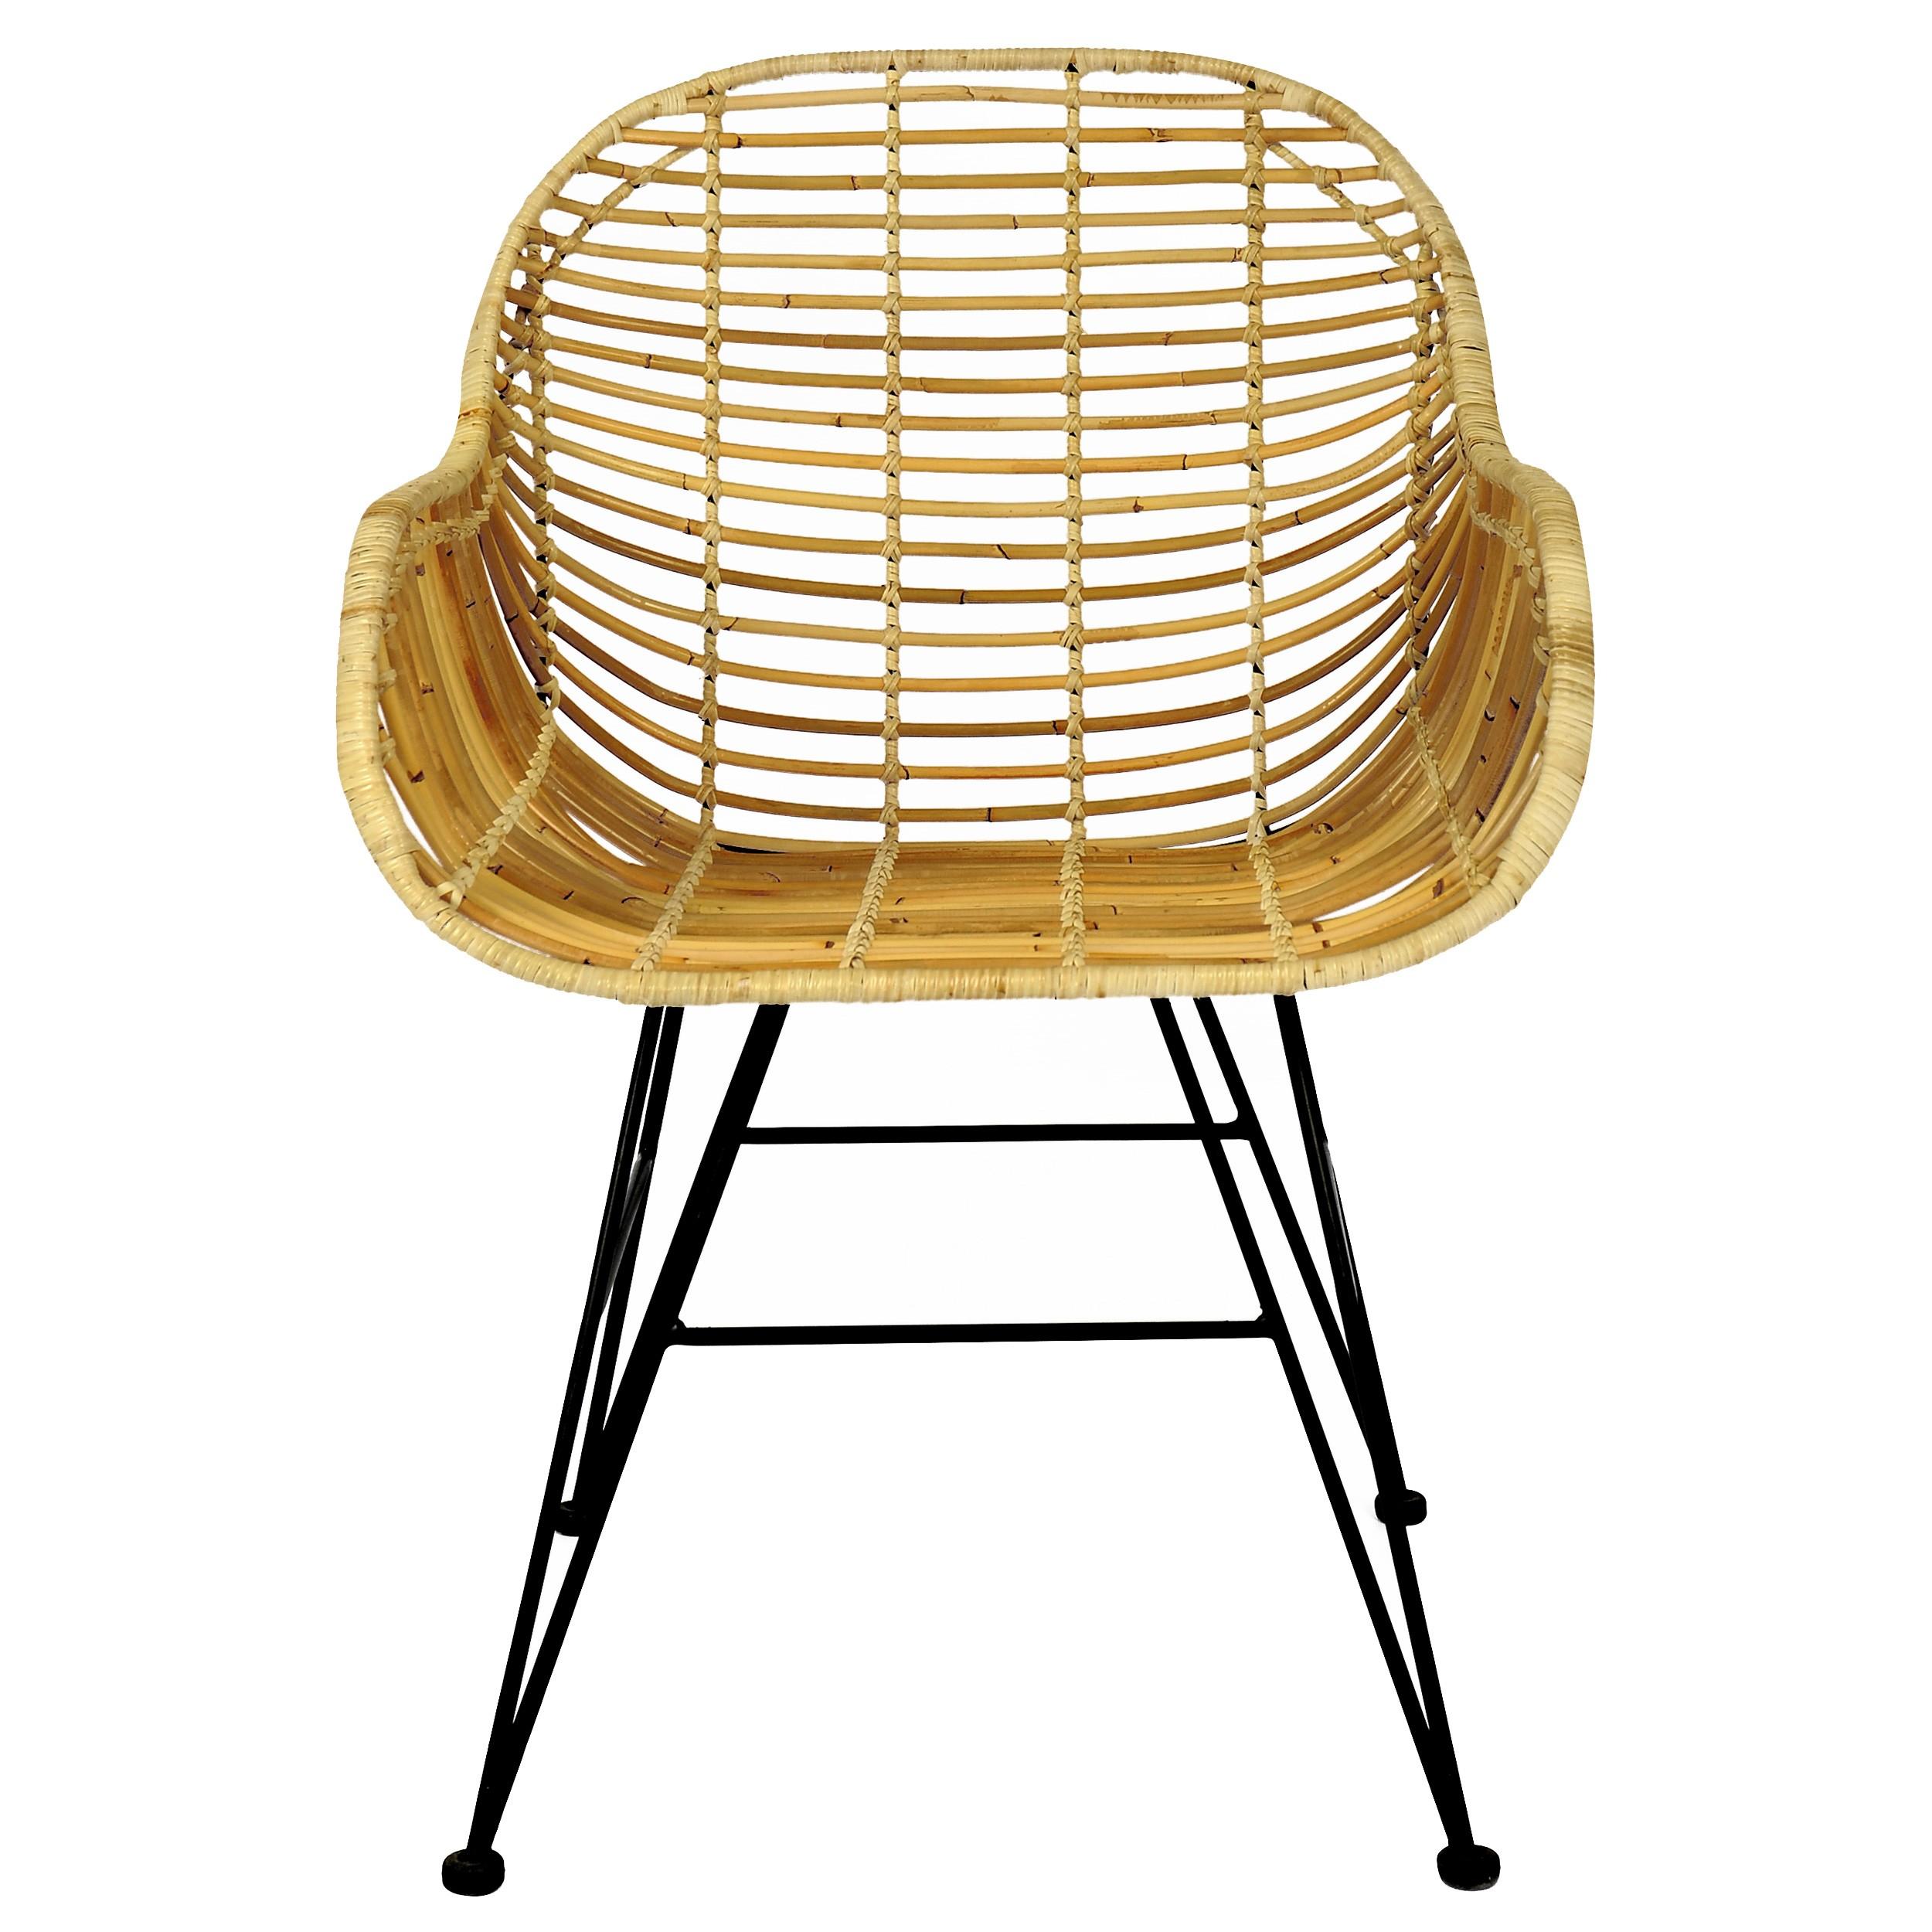 fauteuil malacca en rotin naturel d couvrez les fauteuils malacca en rotin naturel design rdv d co. Black Bedroom Furniture Sets. Home Design Ideas